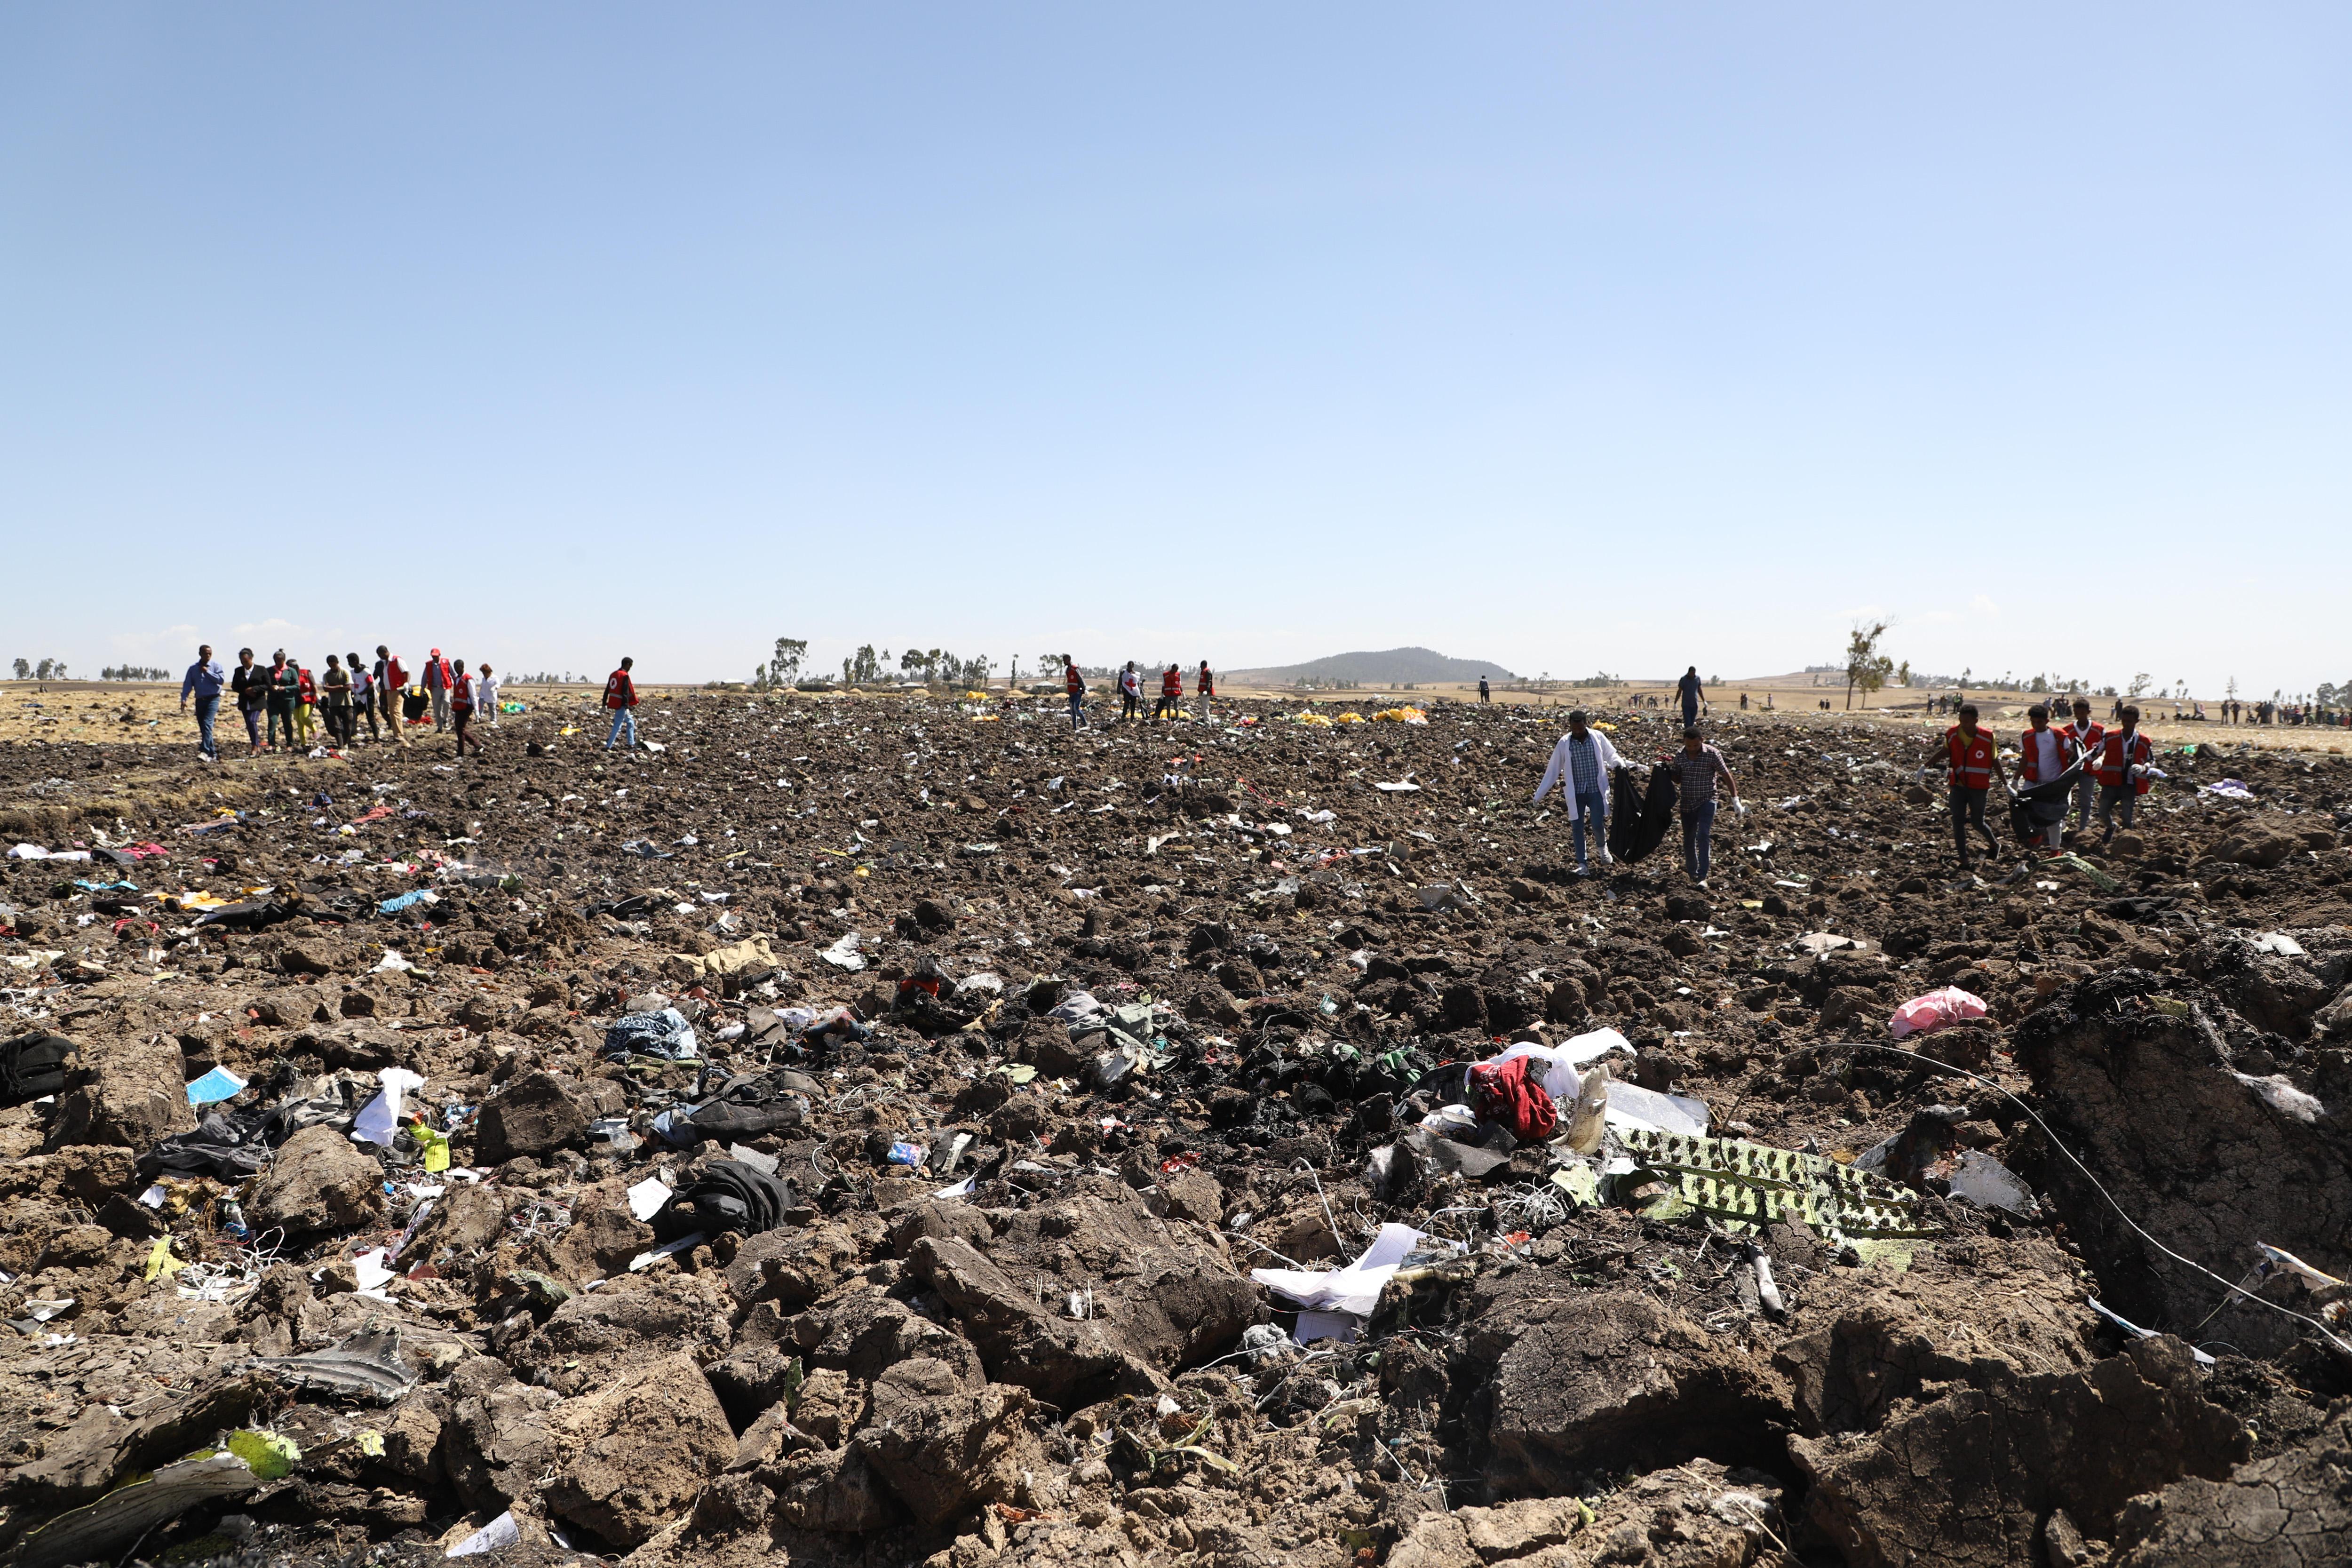 Etiopia, si schianta aereo con 157 persone a bordo: nessuno è sopravvissuto